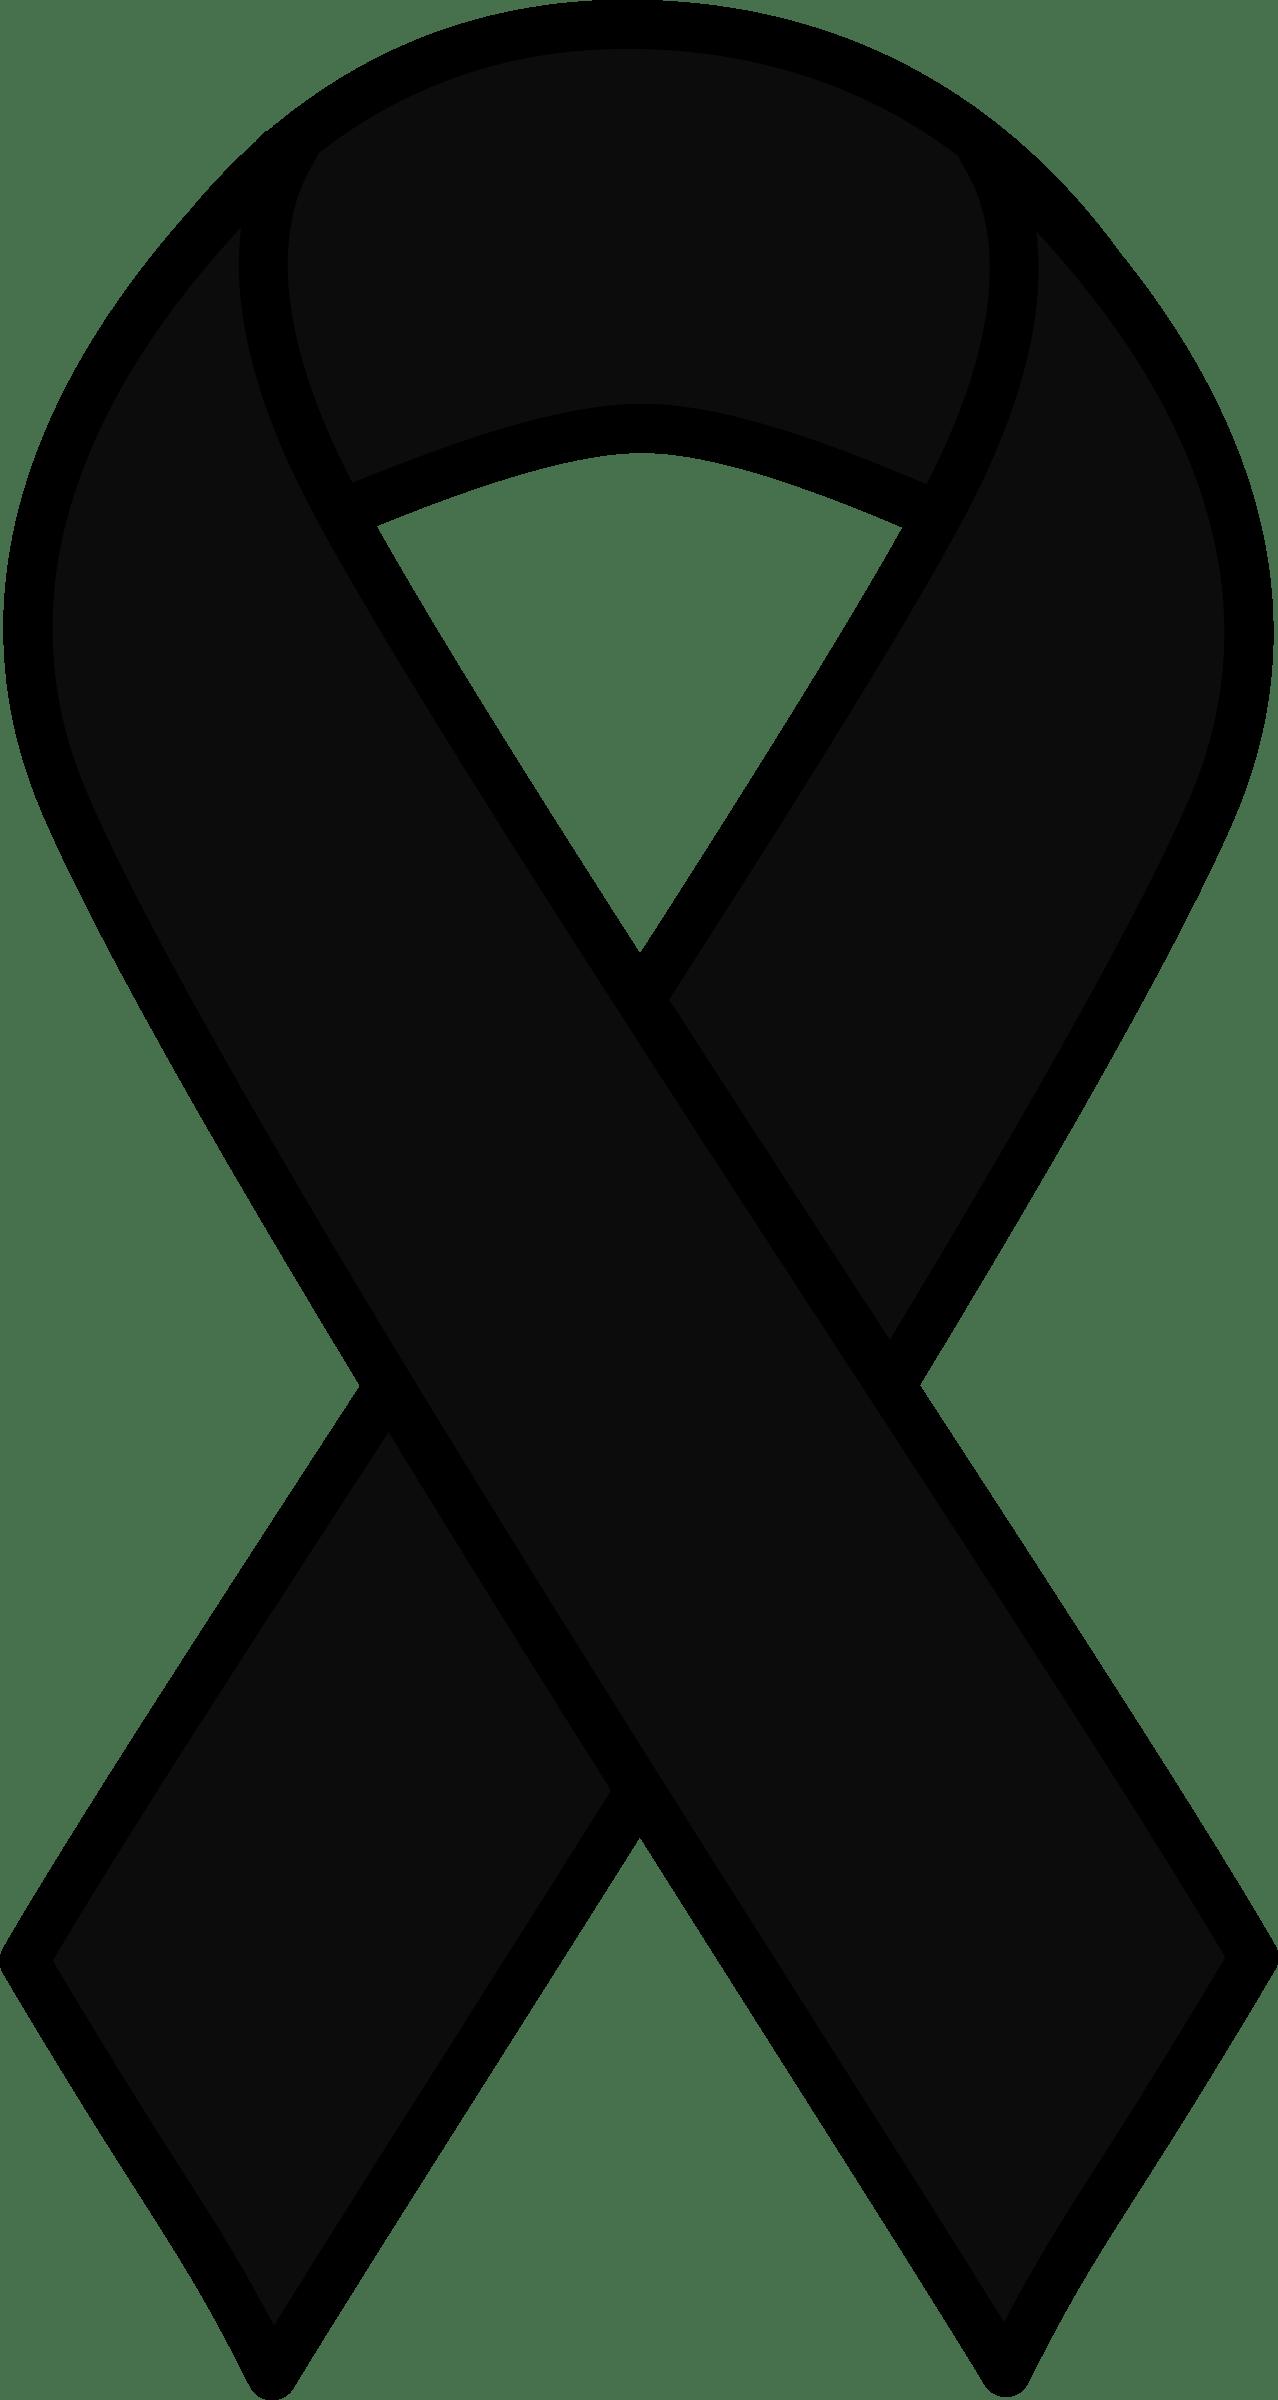 Cancer Clipart Melanoma Cancer Melanoma Transparent Free